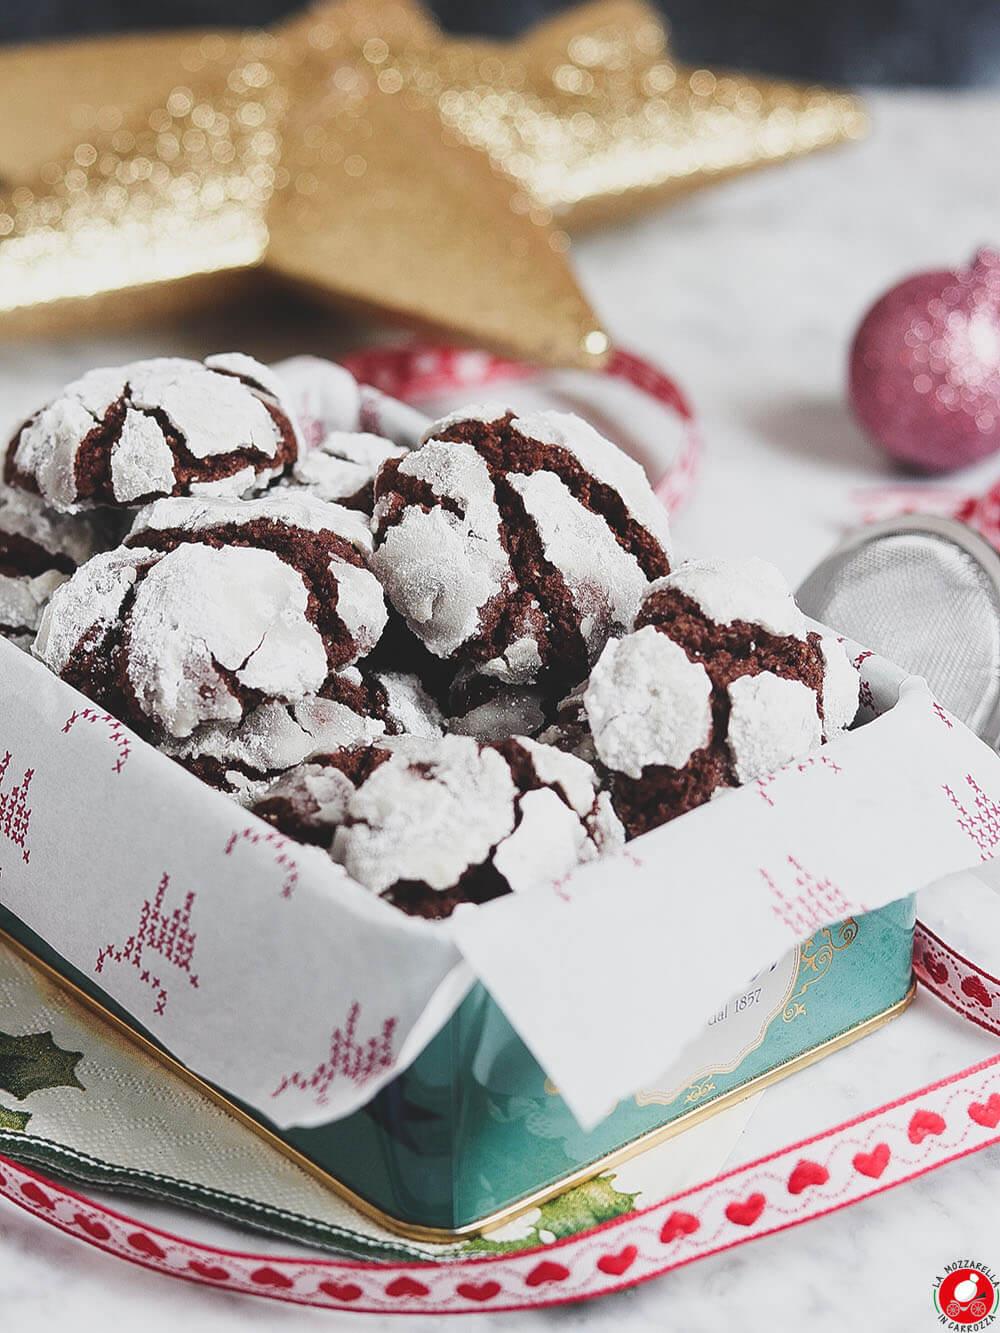 La Mozzarella In Carrozza - Crinkle cookies al cioccolato